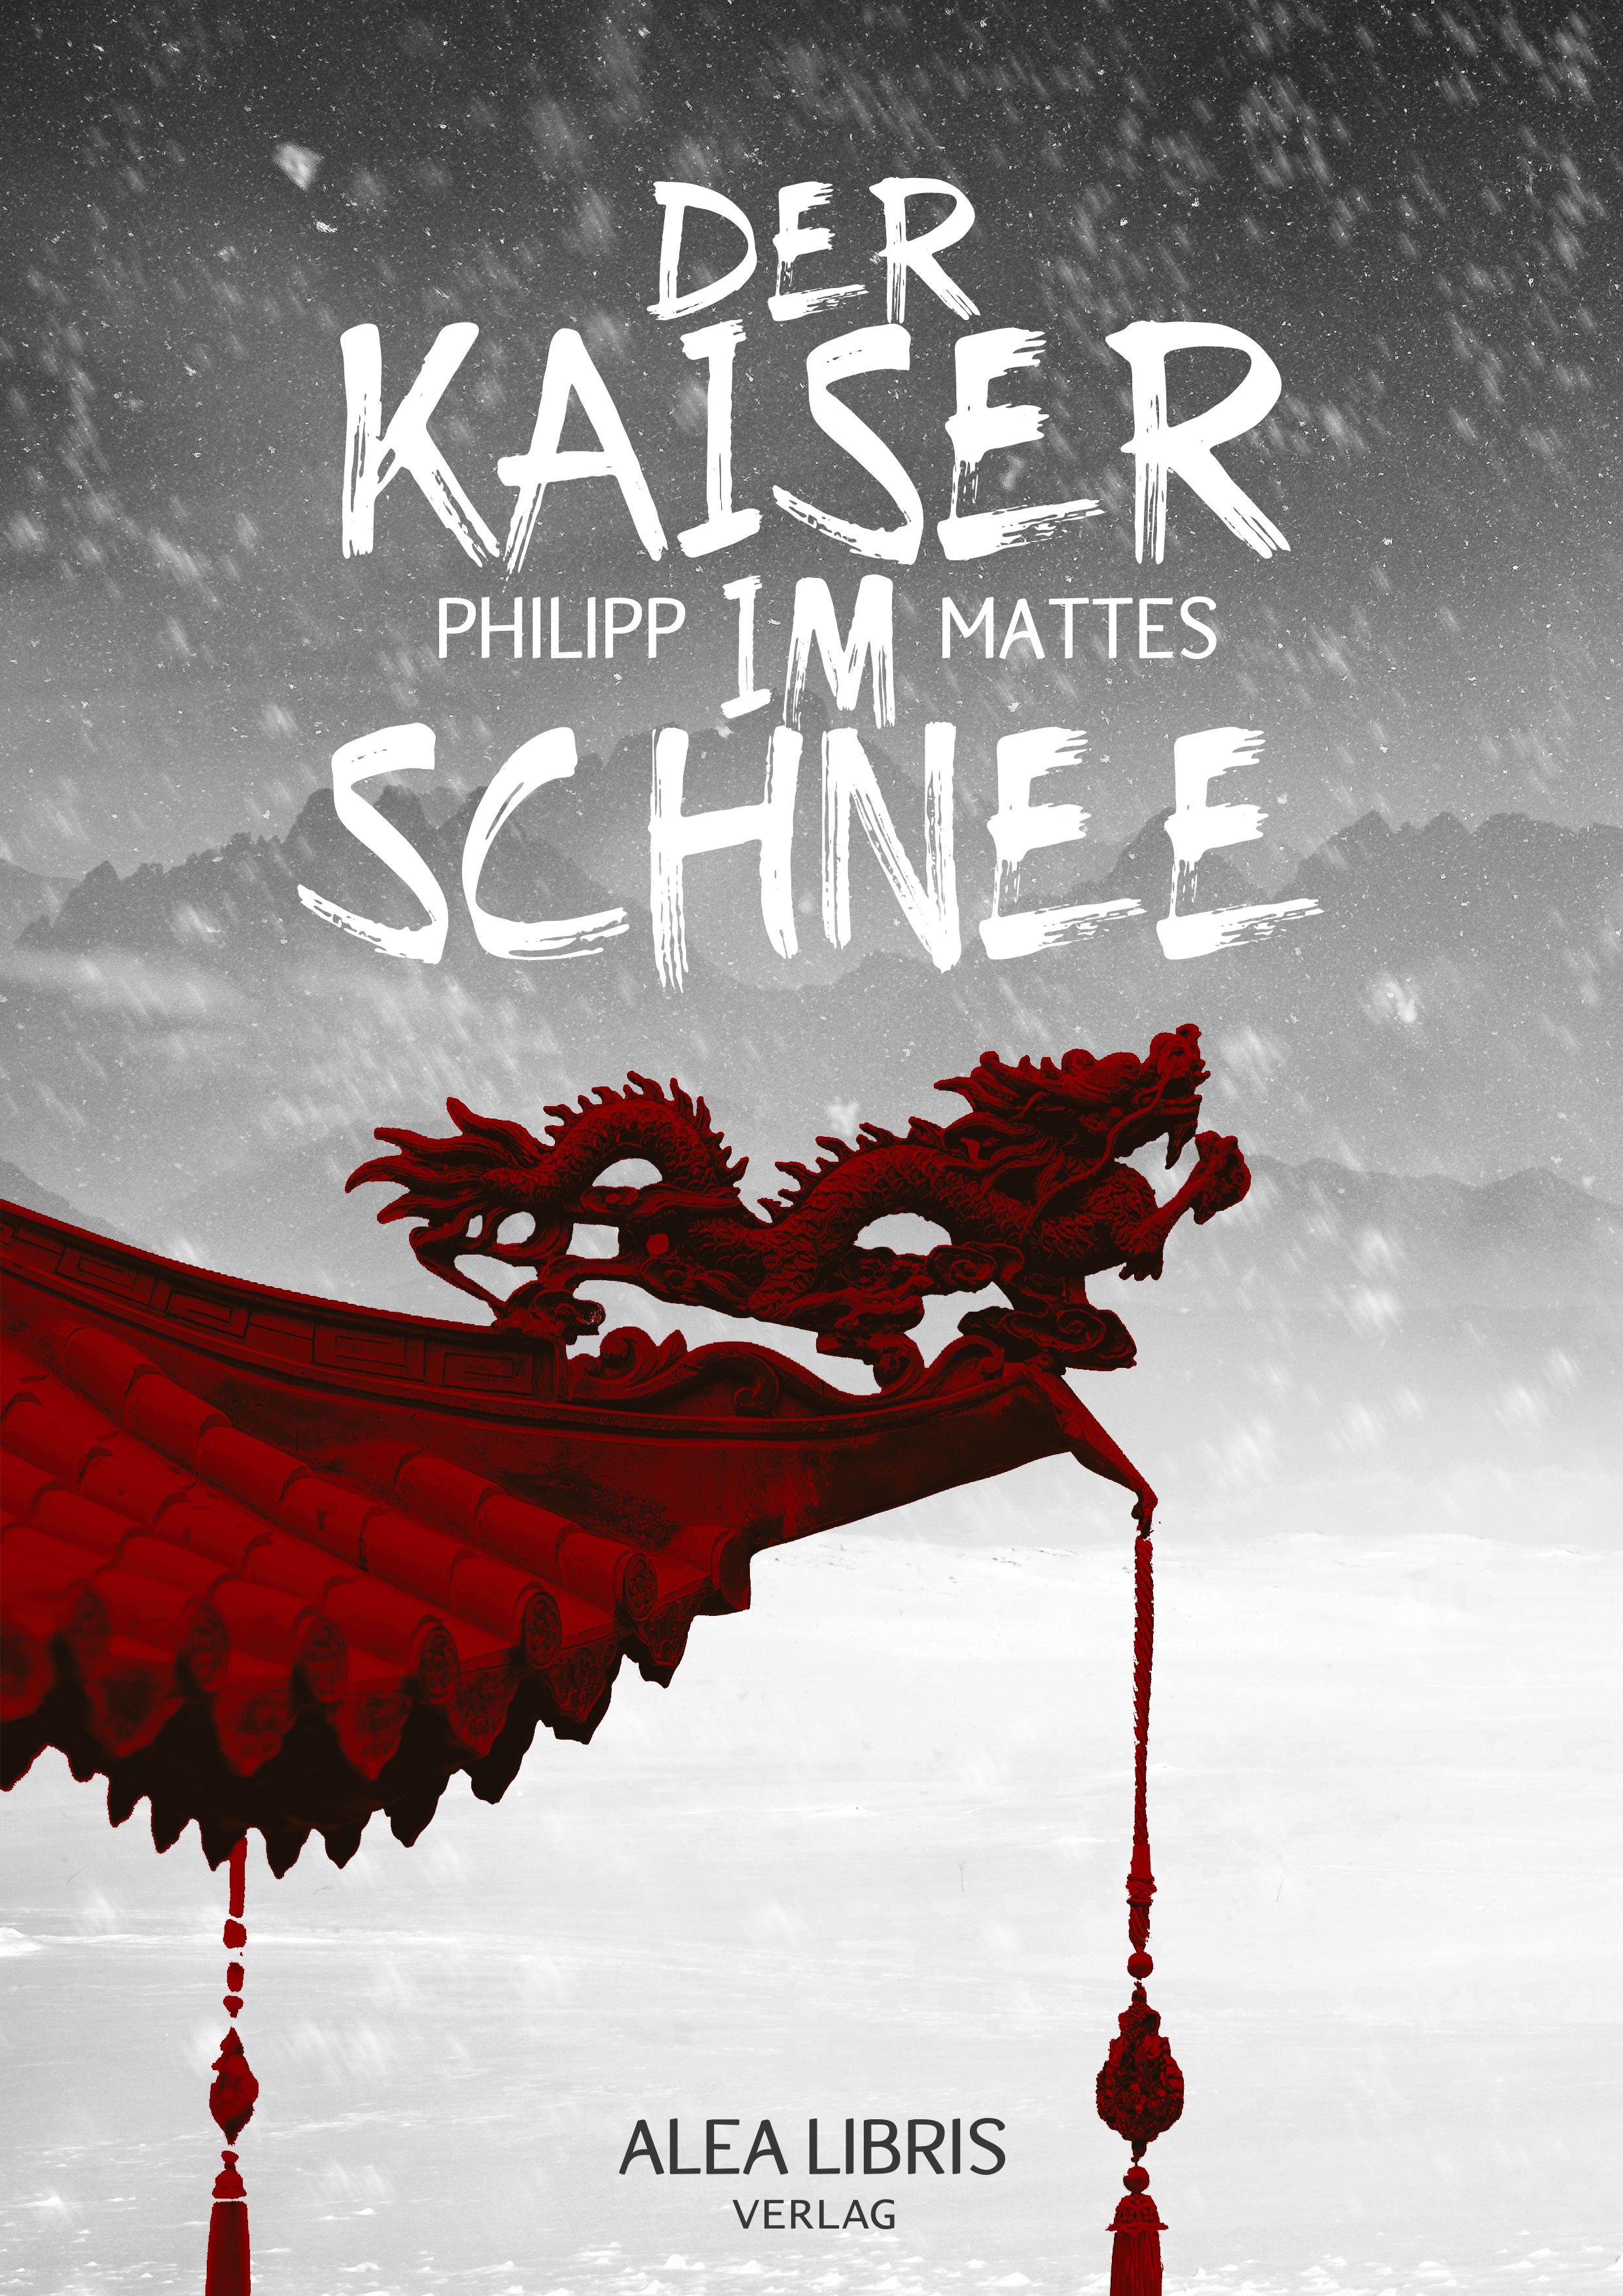 mattes_philipp_der_kaiser_im_schnee_phantastik-autoren-netzwerk.jpg